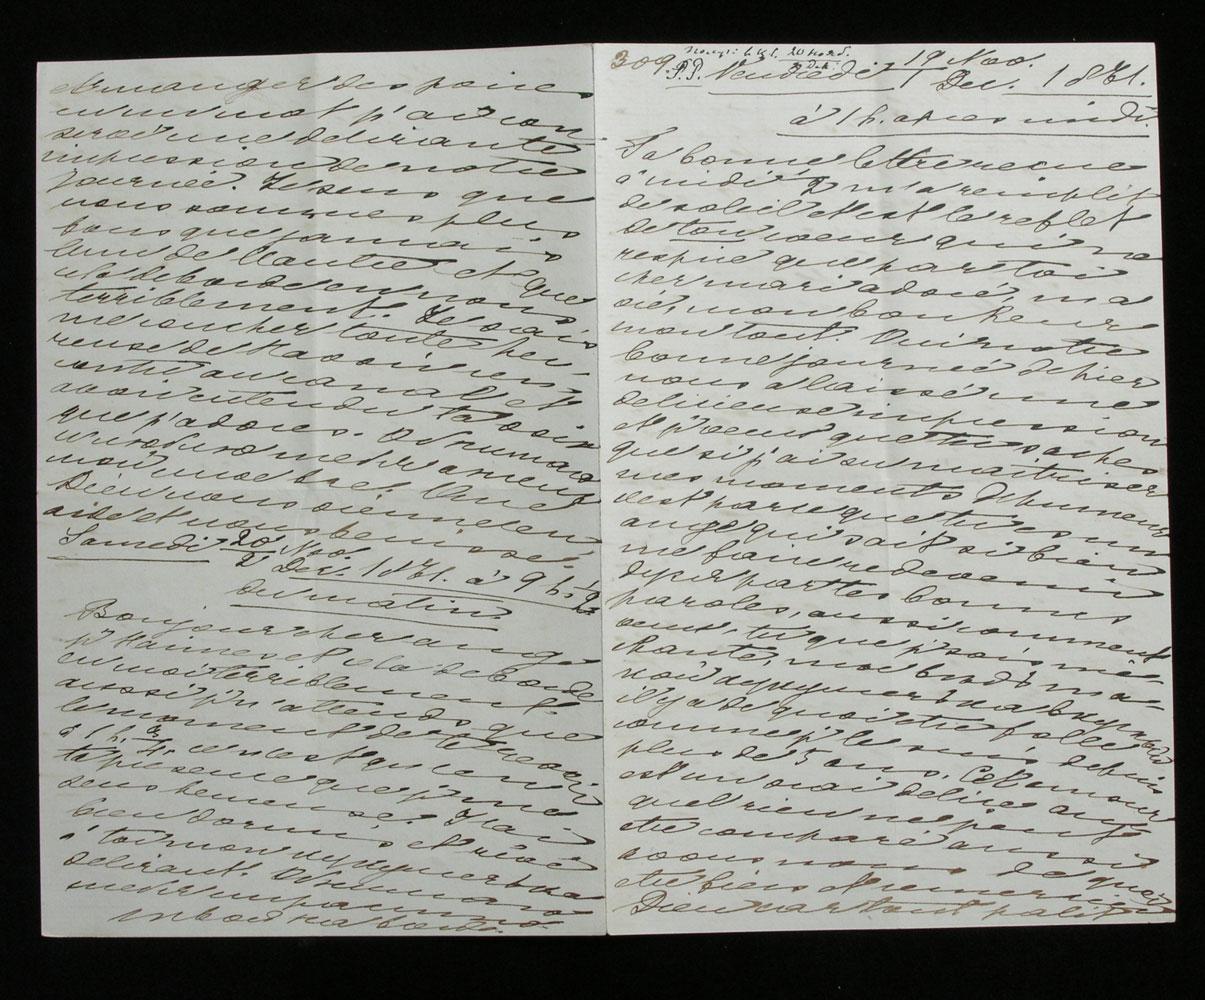 Brief von Ekaterina Dolgorukaya (der späteren Prinzessin Jurjewskaya) an den Zaren